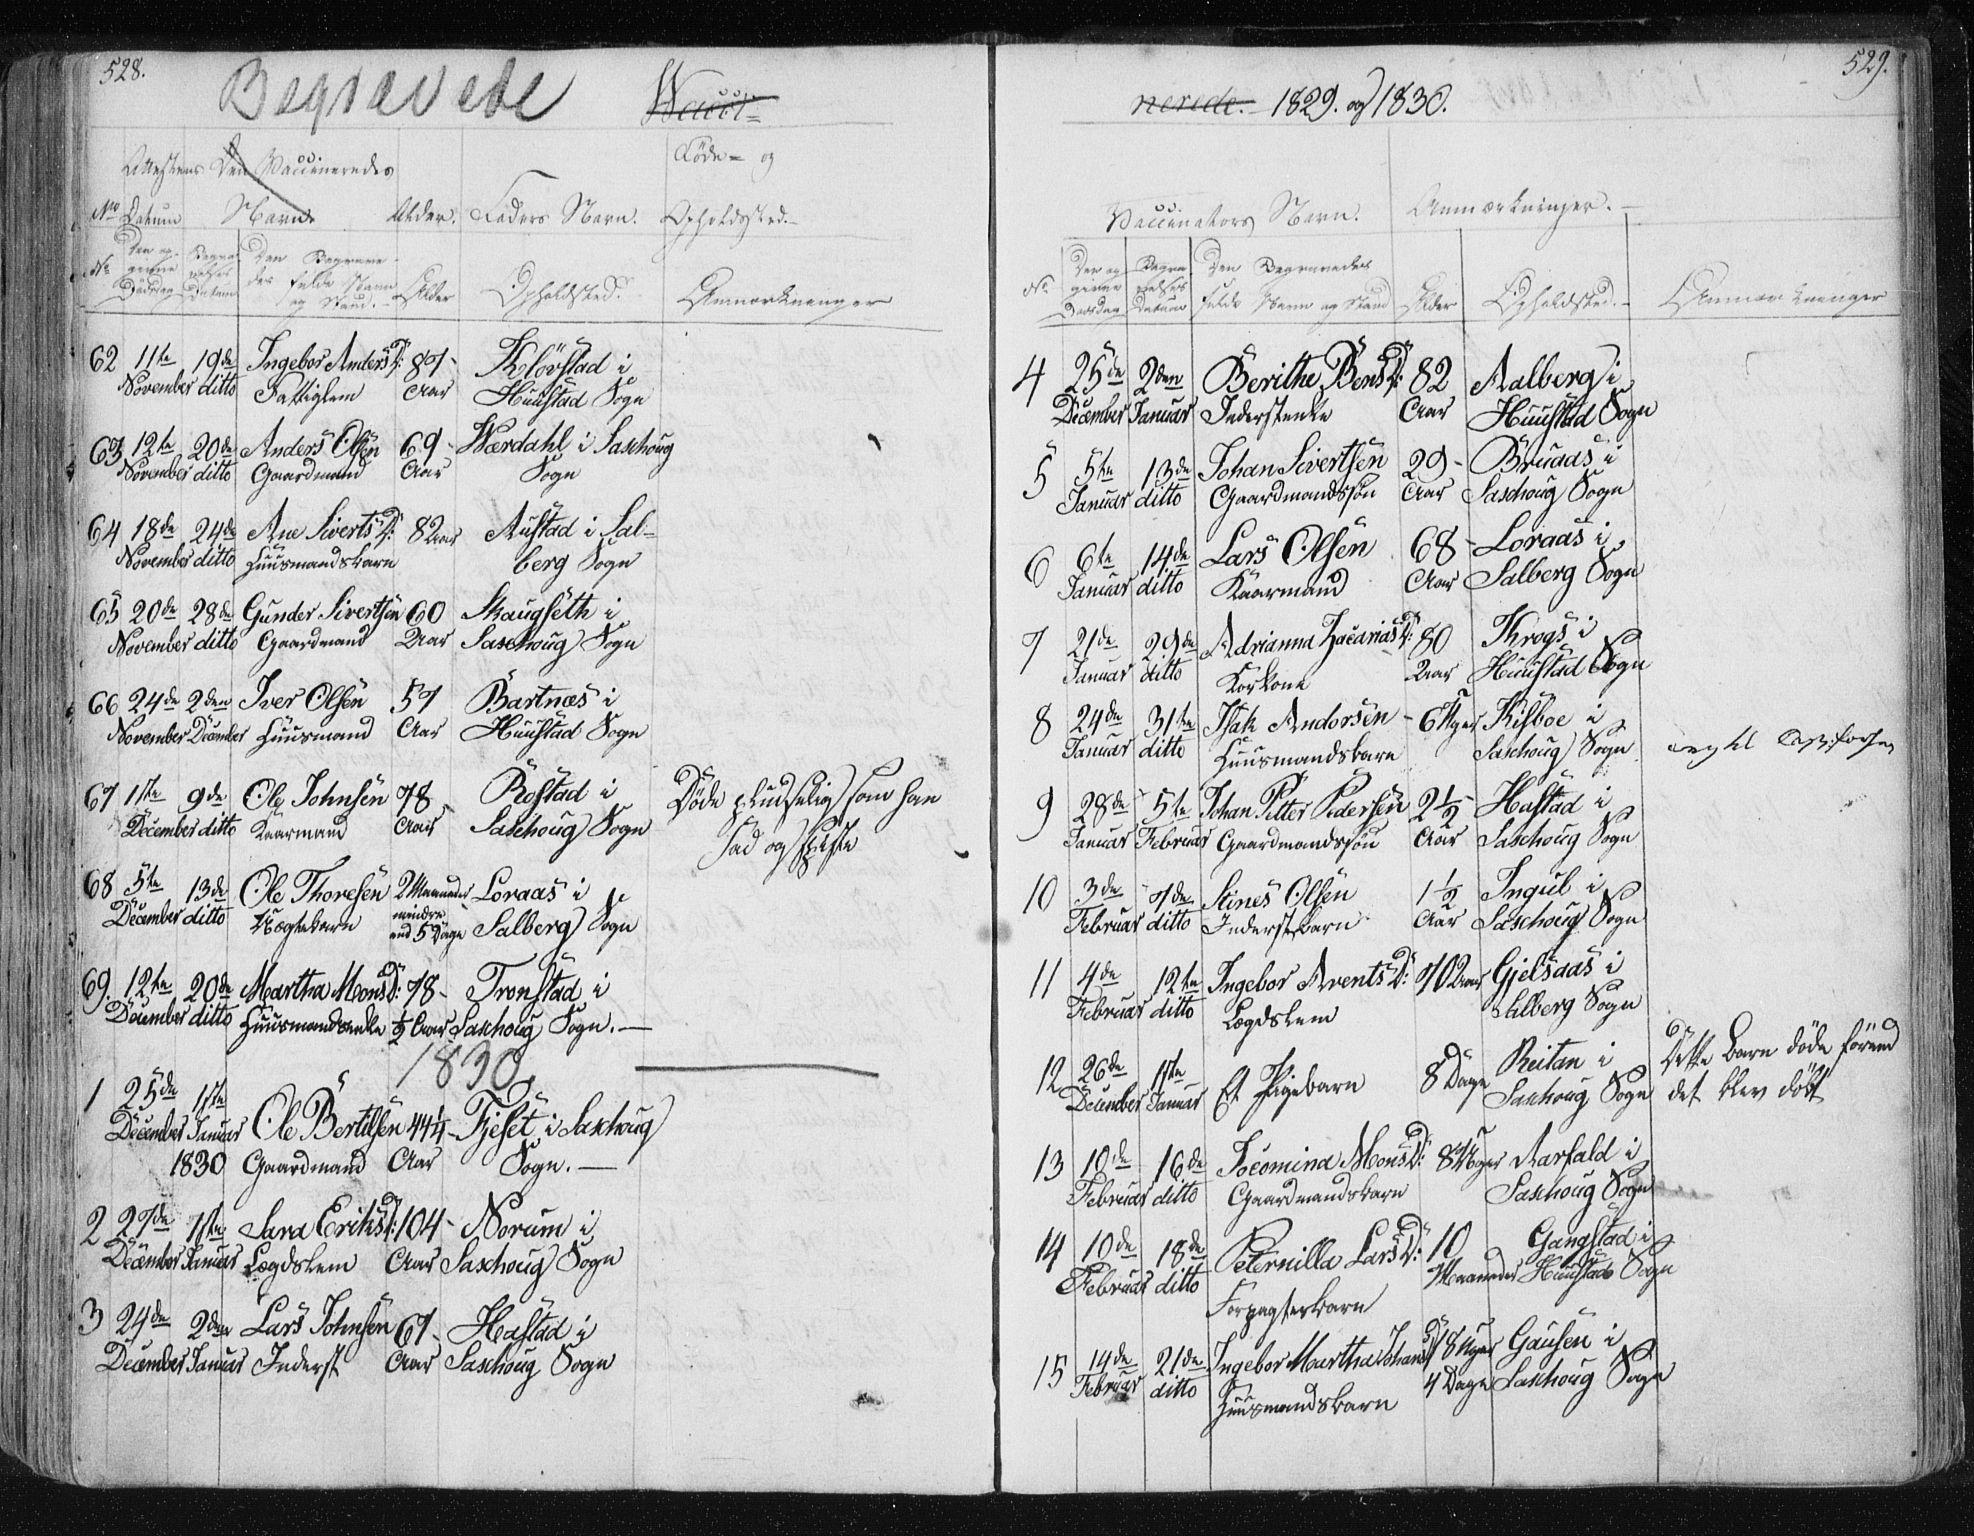 SAT, Ministerialprotokoller, klokkerbøker og fødselsregistre - Nord-Trøndelag, 730/L0276: Ministerialbok nr. 730A05, 1822-1830, s. 528-529